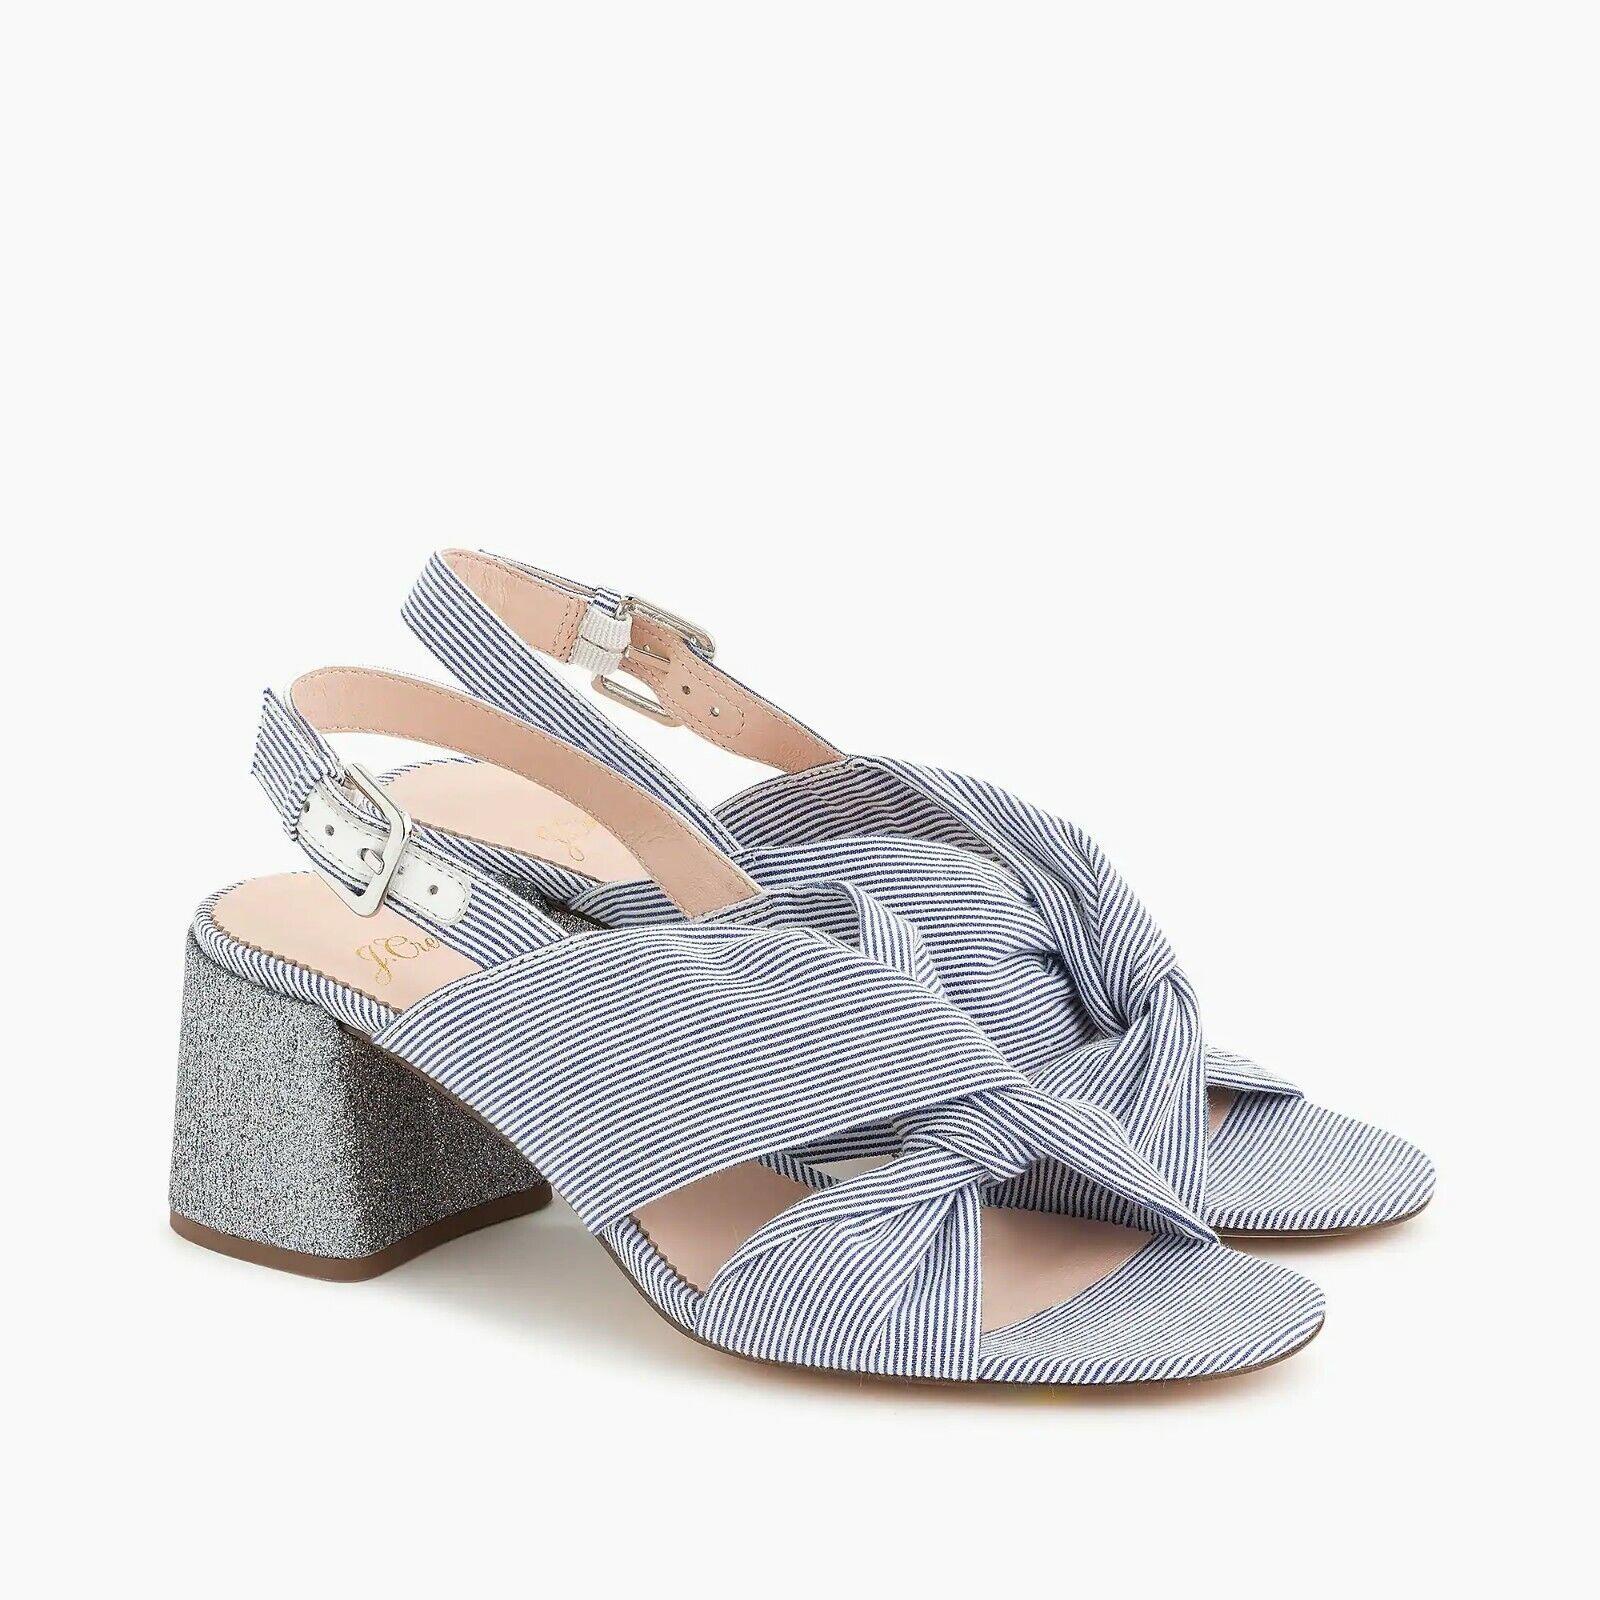 J.  Crew Wouomo Twisted -Knot Penny Sandals in Stripe w   Glitter Heel - Dimensione 9  risparmia il 50% -75% di sconto